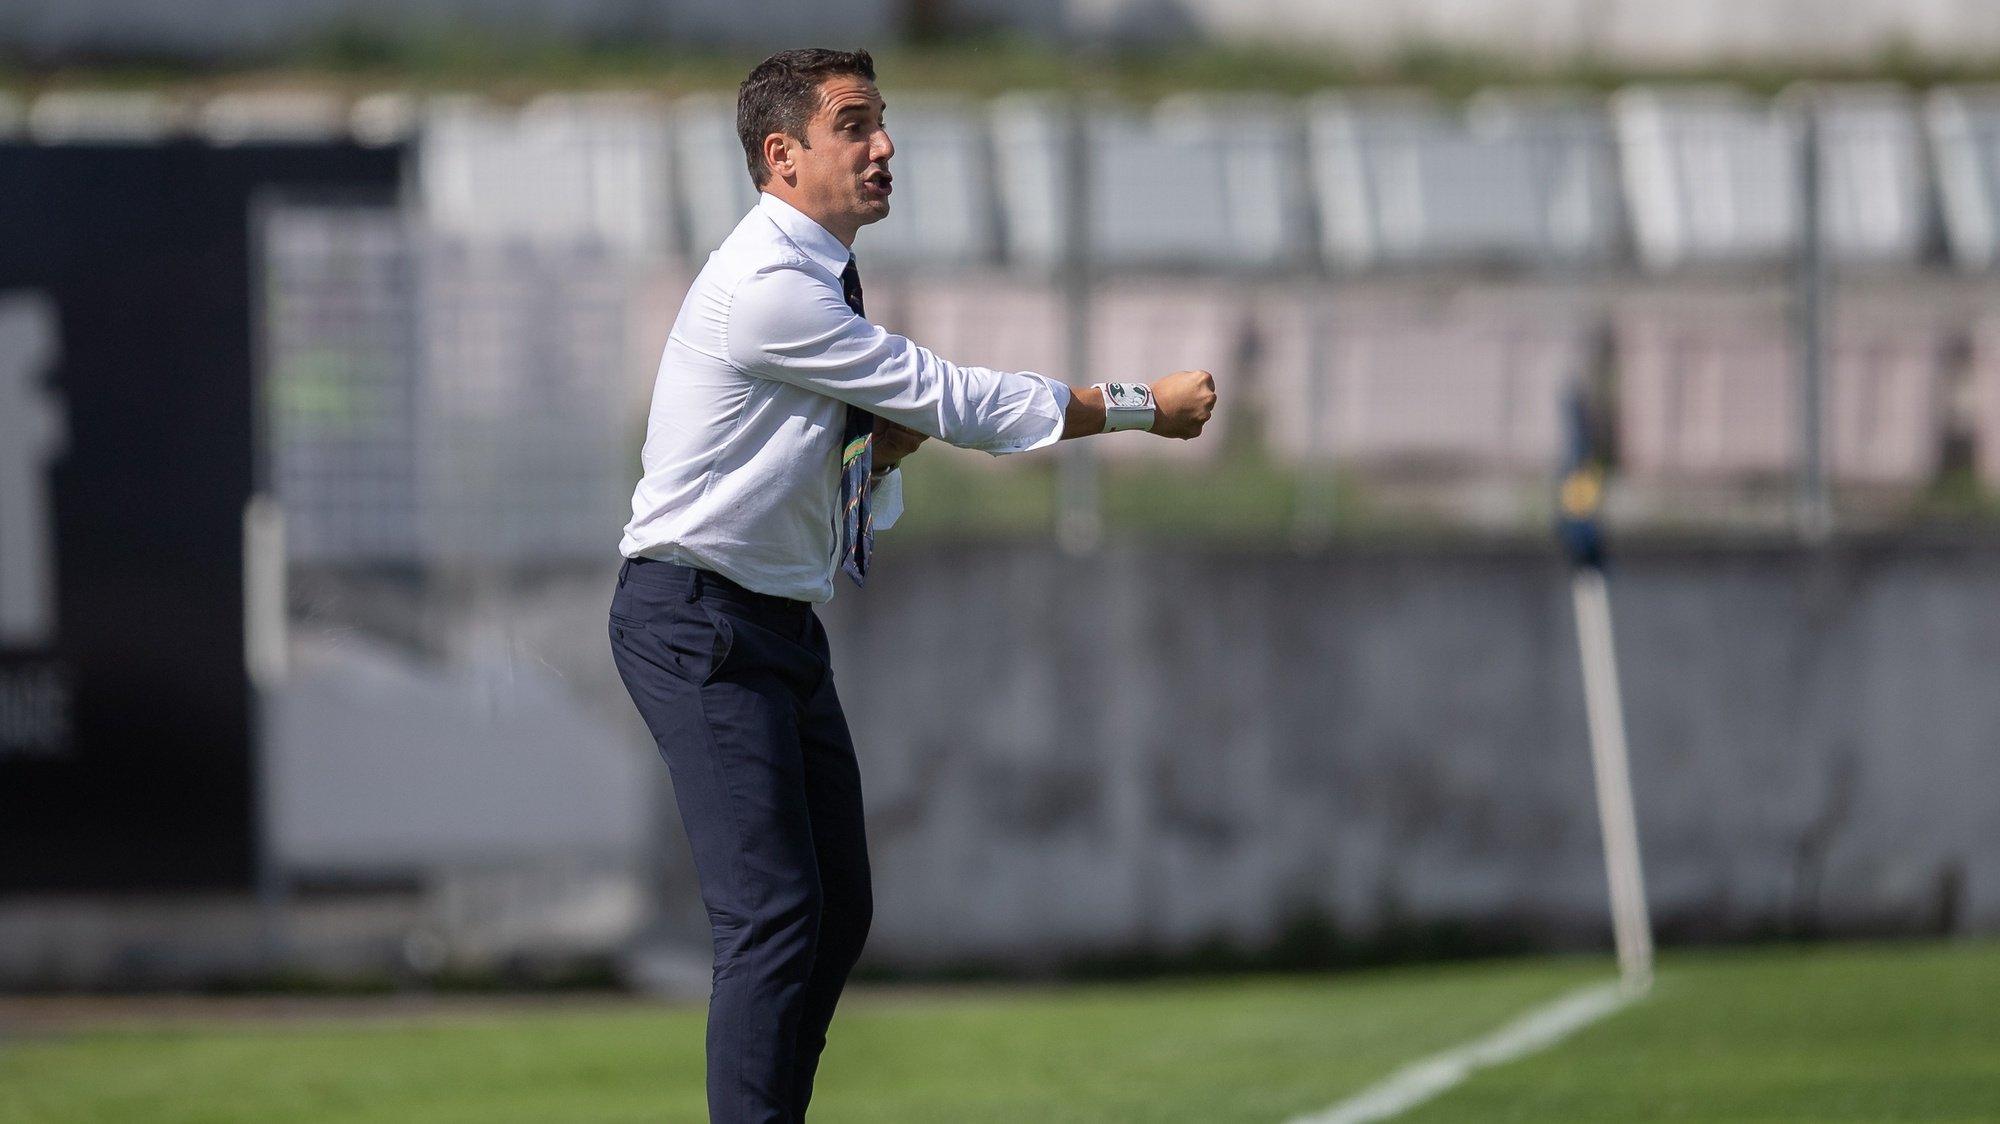 O jogador do Marítimo, Julio Velázquez, dá indicacoes aos seus jogadores durante o jogo da 6.ª jornada da Primeira Liga de futebol contra o Famalicão disputado no estádio Municipal de Famalicão, 18 de setembro de 2021. RUI MANUEL FARINHA / LUSA